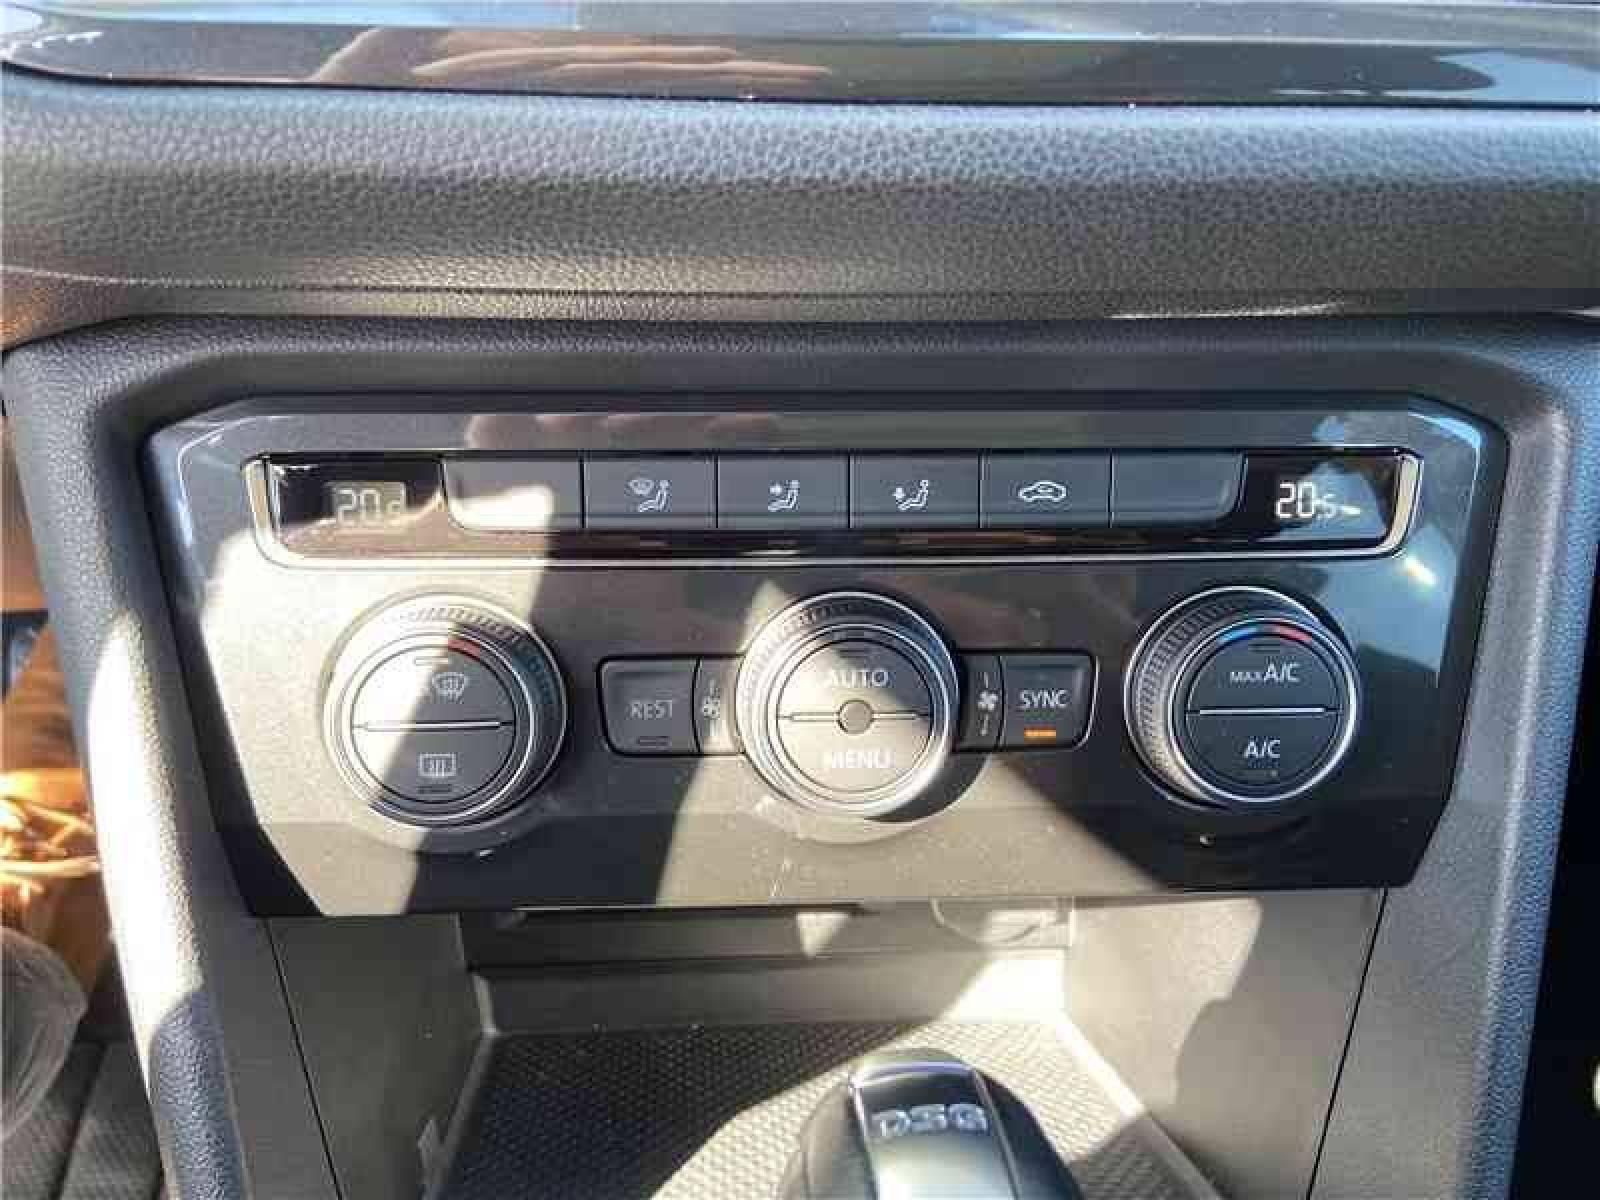 VOLKSWAGEN Tiguan Allspace 2.0 TDI 150 DSG7 - véhicule d'occasion - LEMAUVIEL AUTOMOBILES - Présentation site web V2 - Lemauviel Automobiles - VIRE - 14500 - VIRE - 17